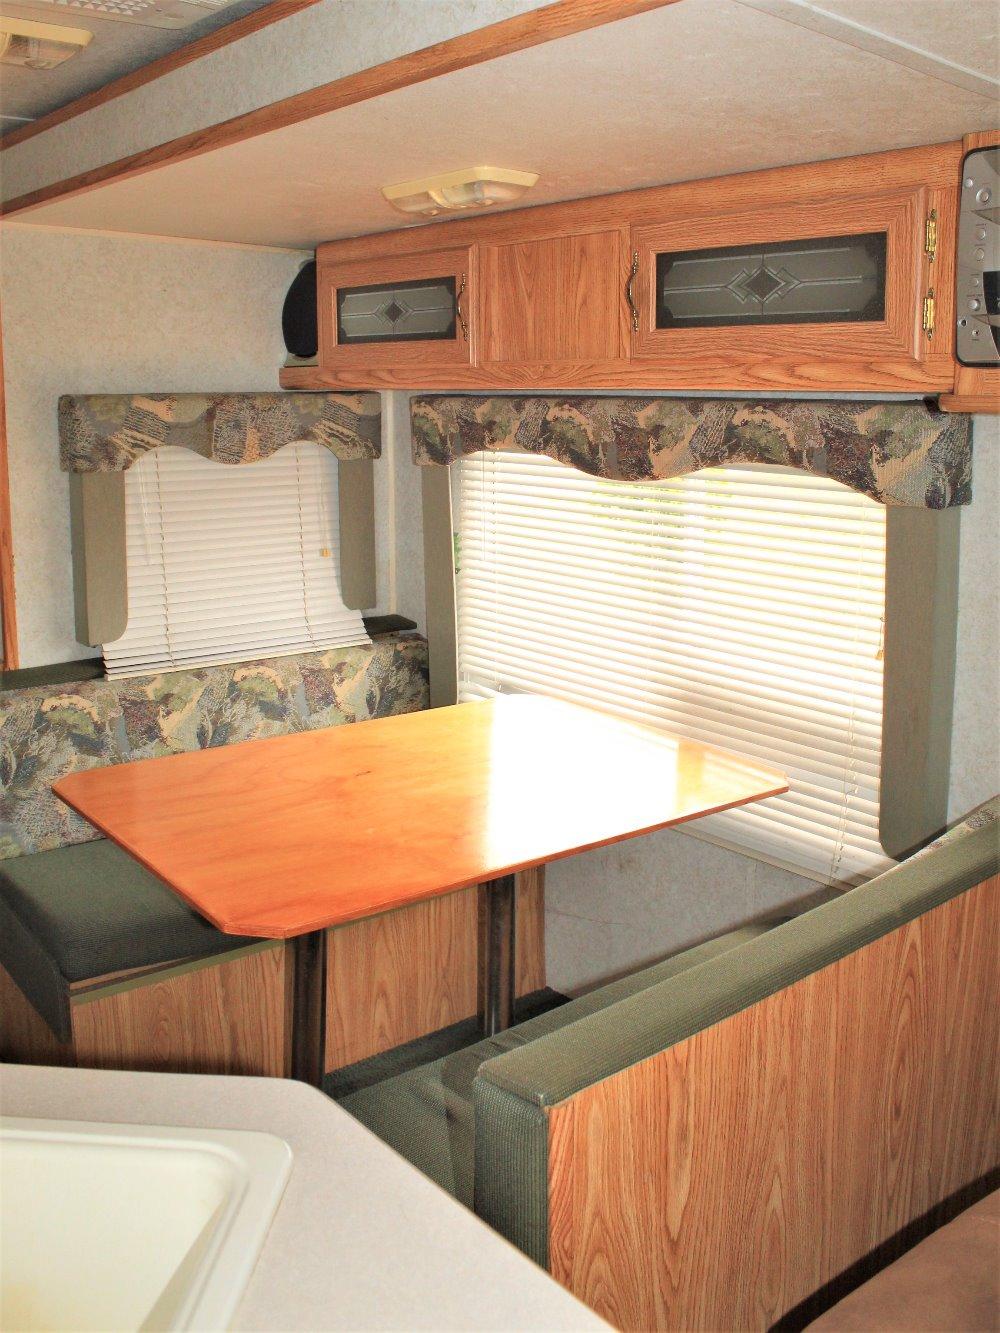 2003 Dutchmen RV 36fk-dsl